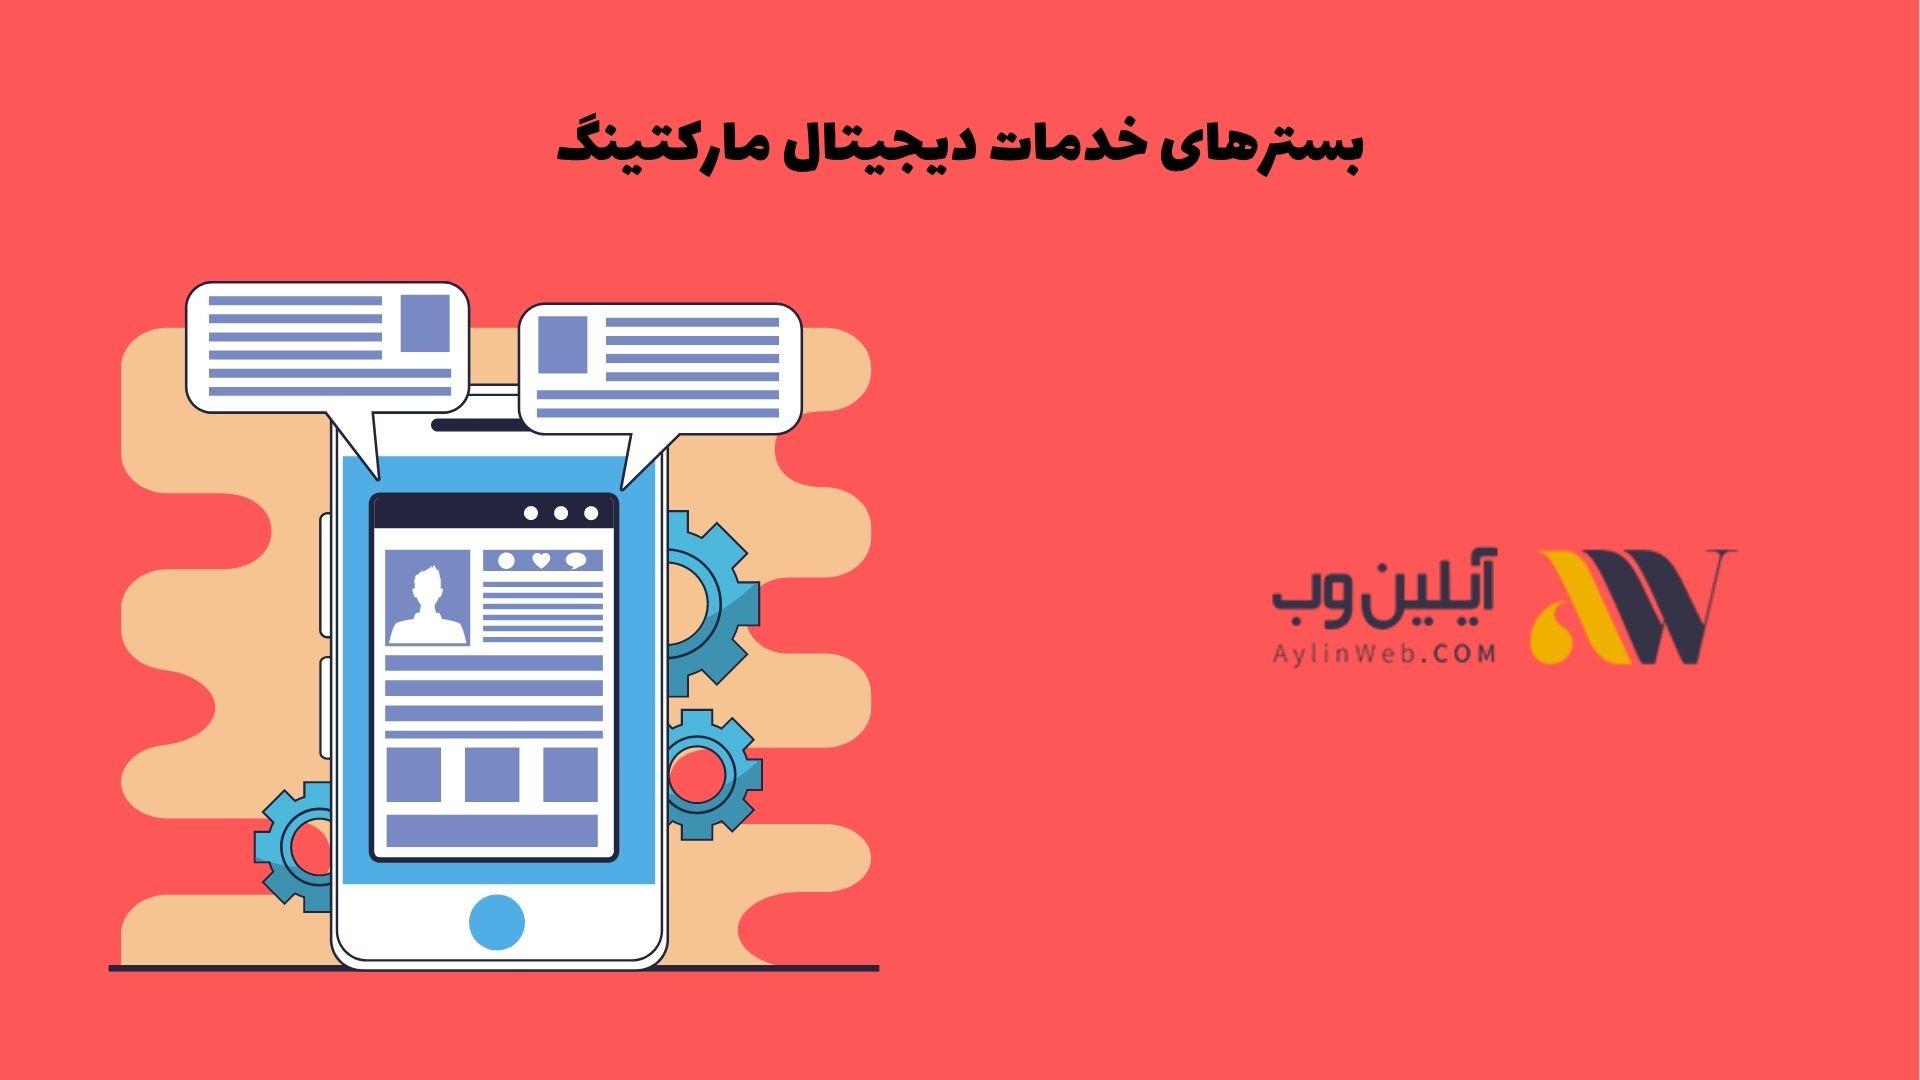 بسترهای خدمات دیجیتال مارکتینگ